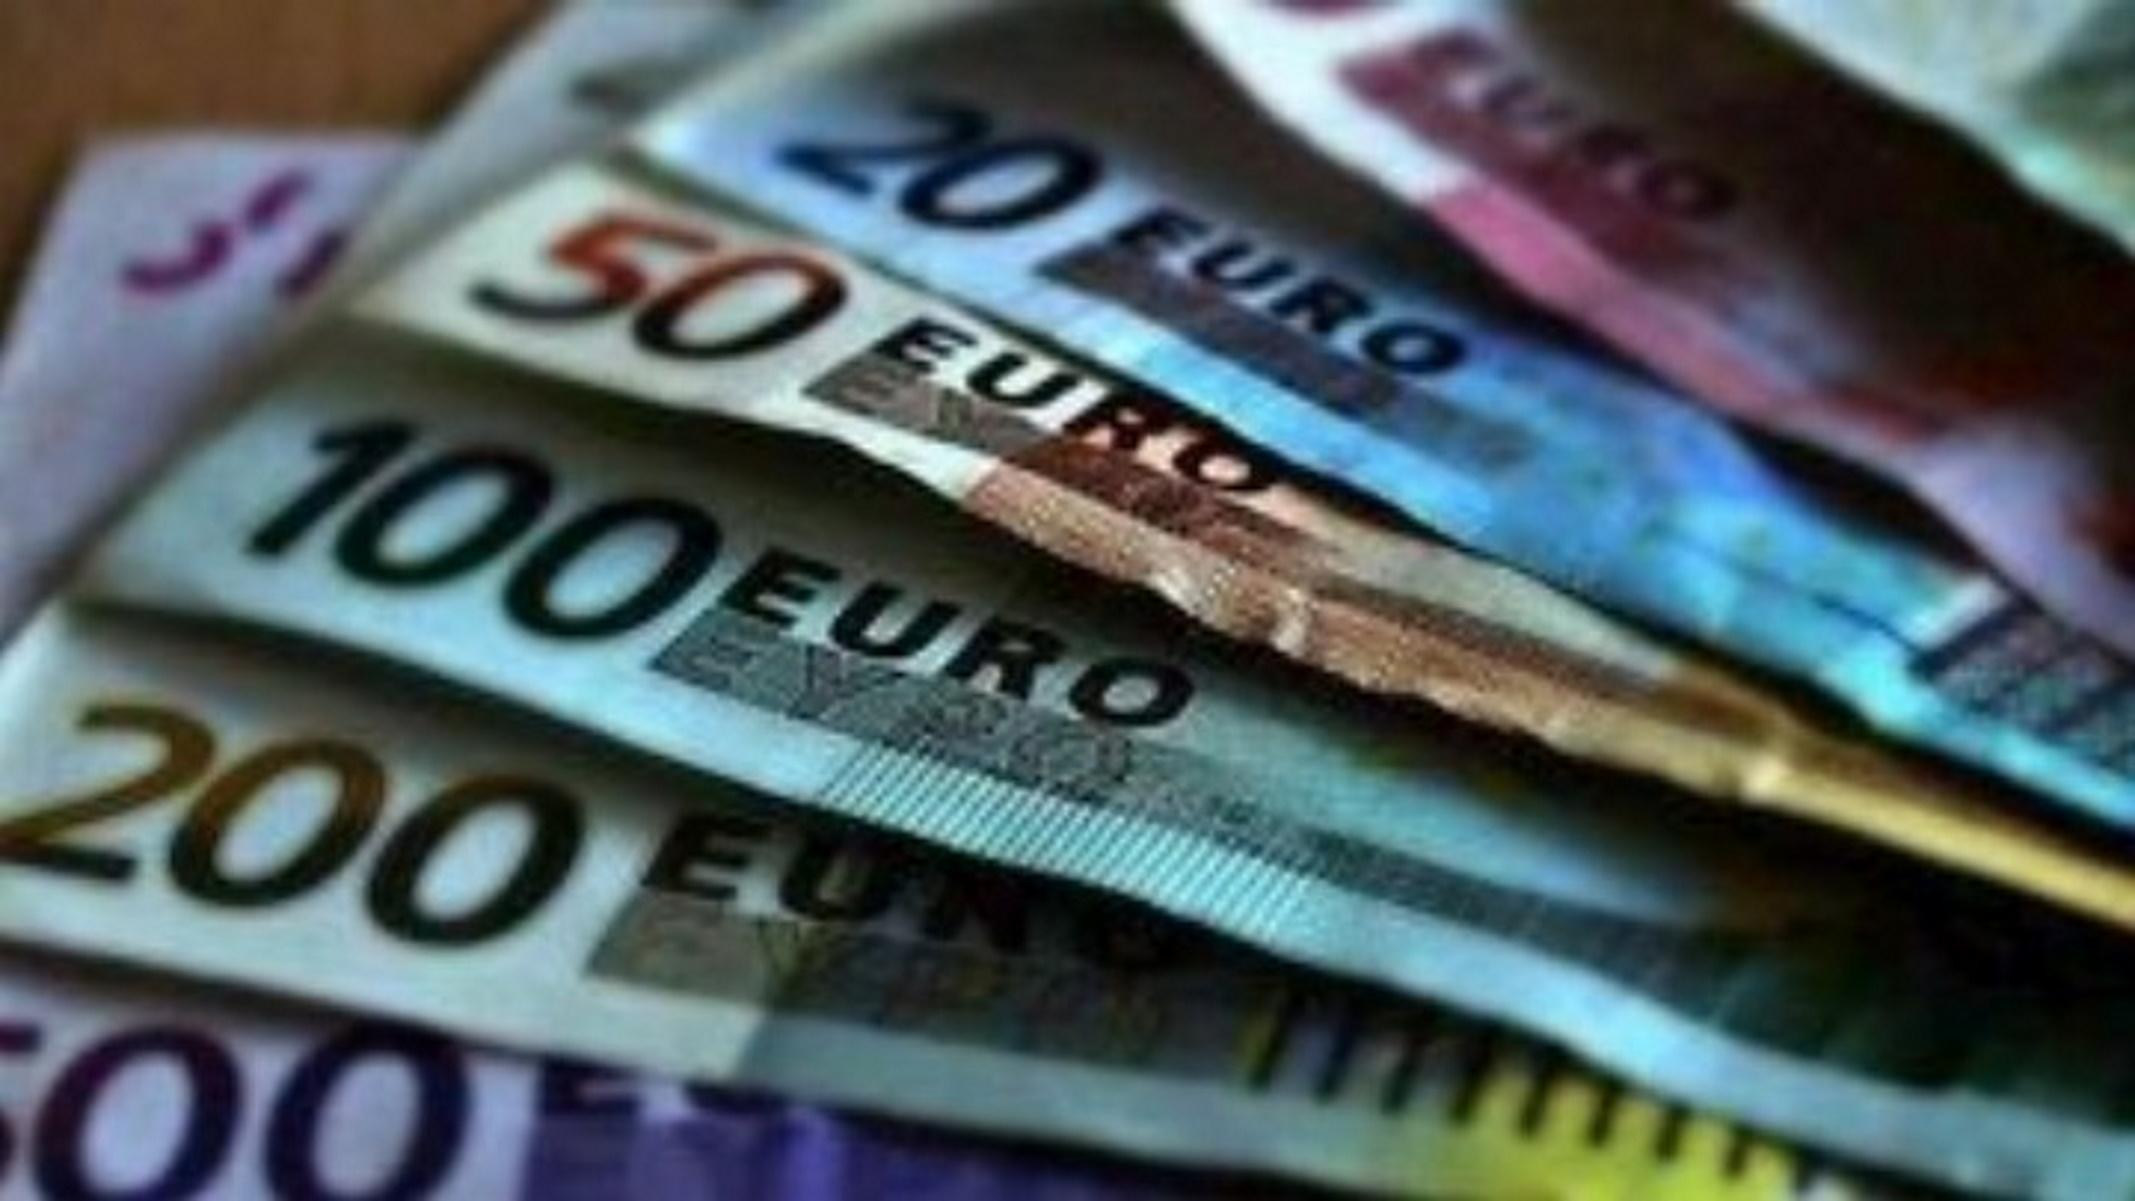 Φορολογικός Γολγοθάς ξεκινάει από τον επόμενο μήνα – Φωτιά ο Σεπτέμβριος με πληρωμή τεσσάρων δόσεων